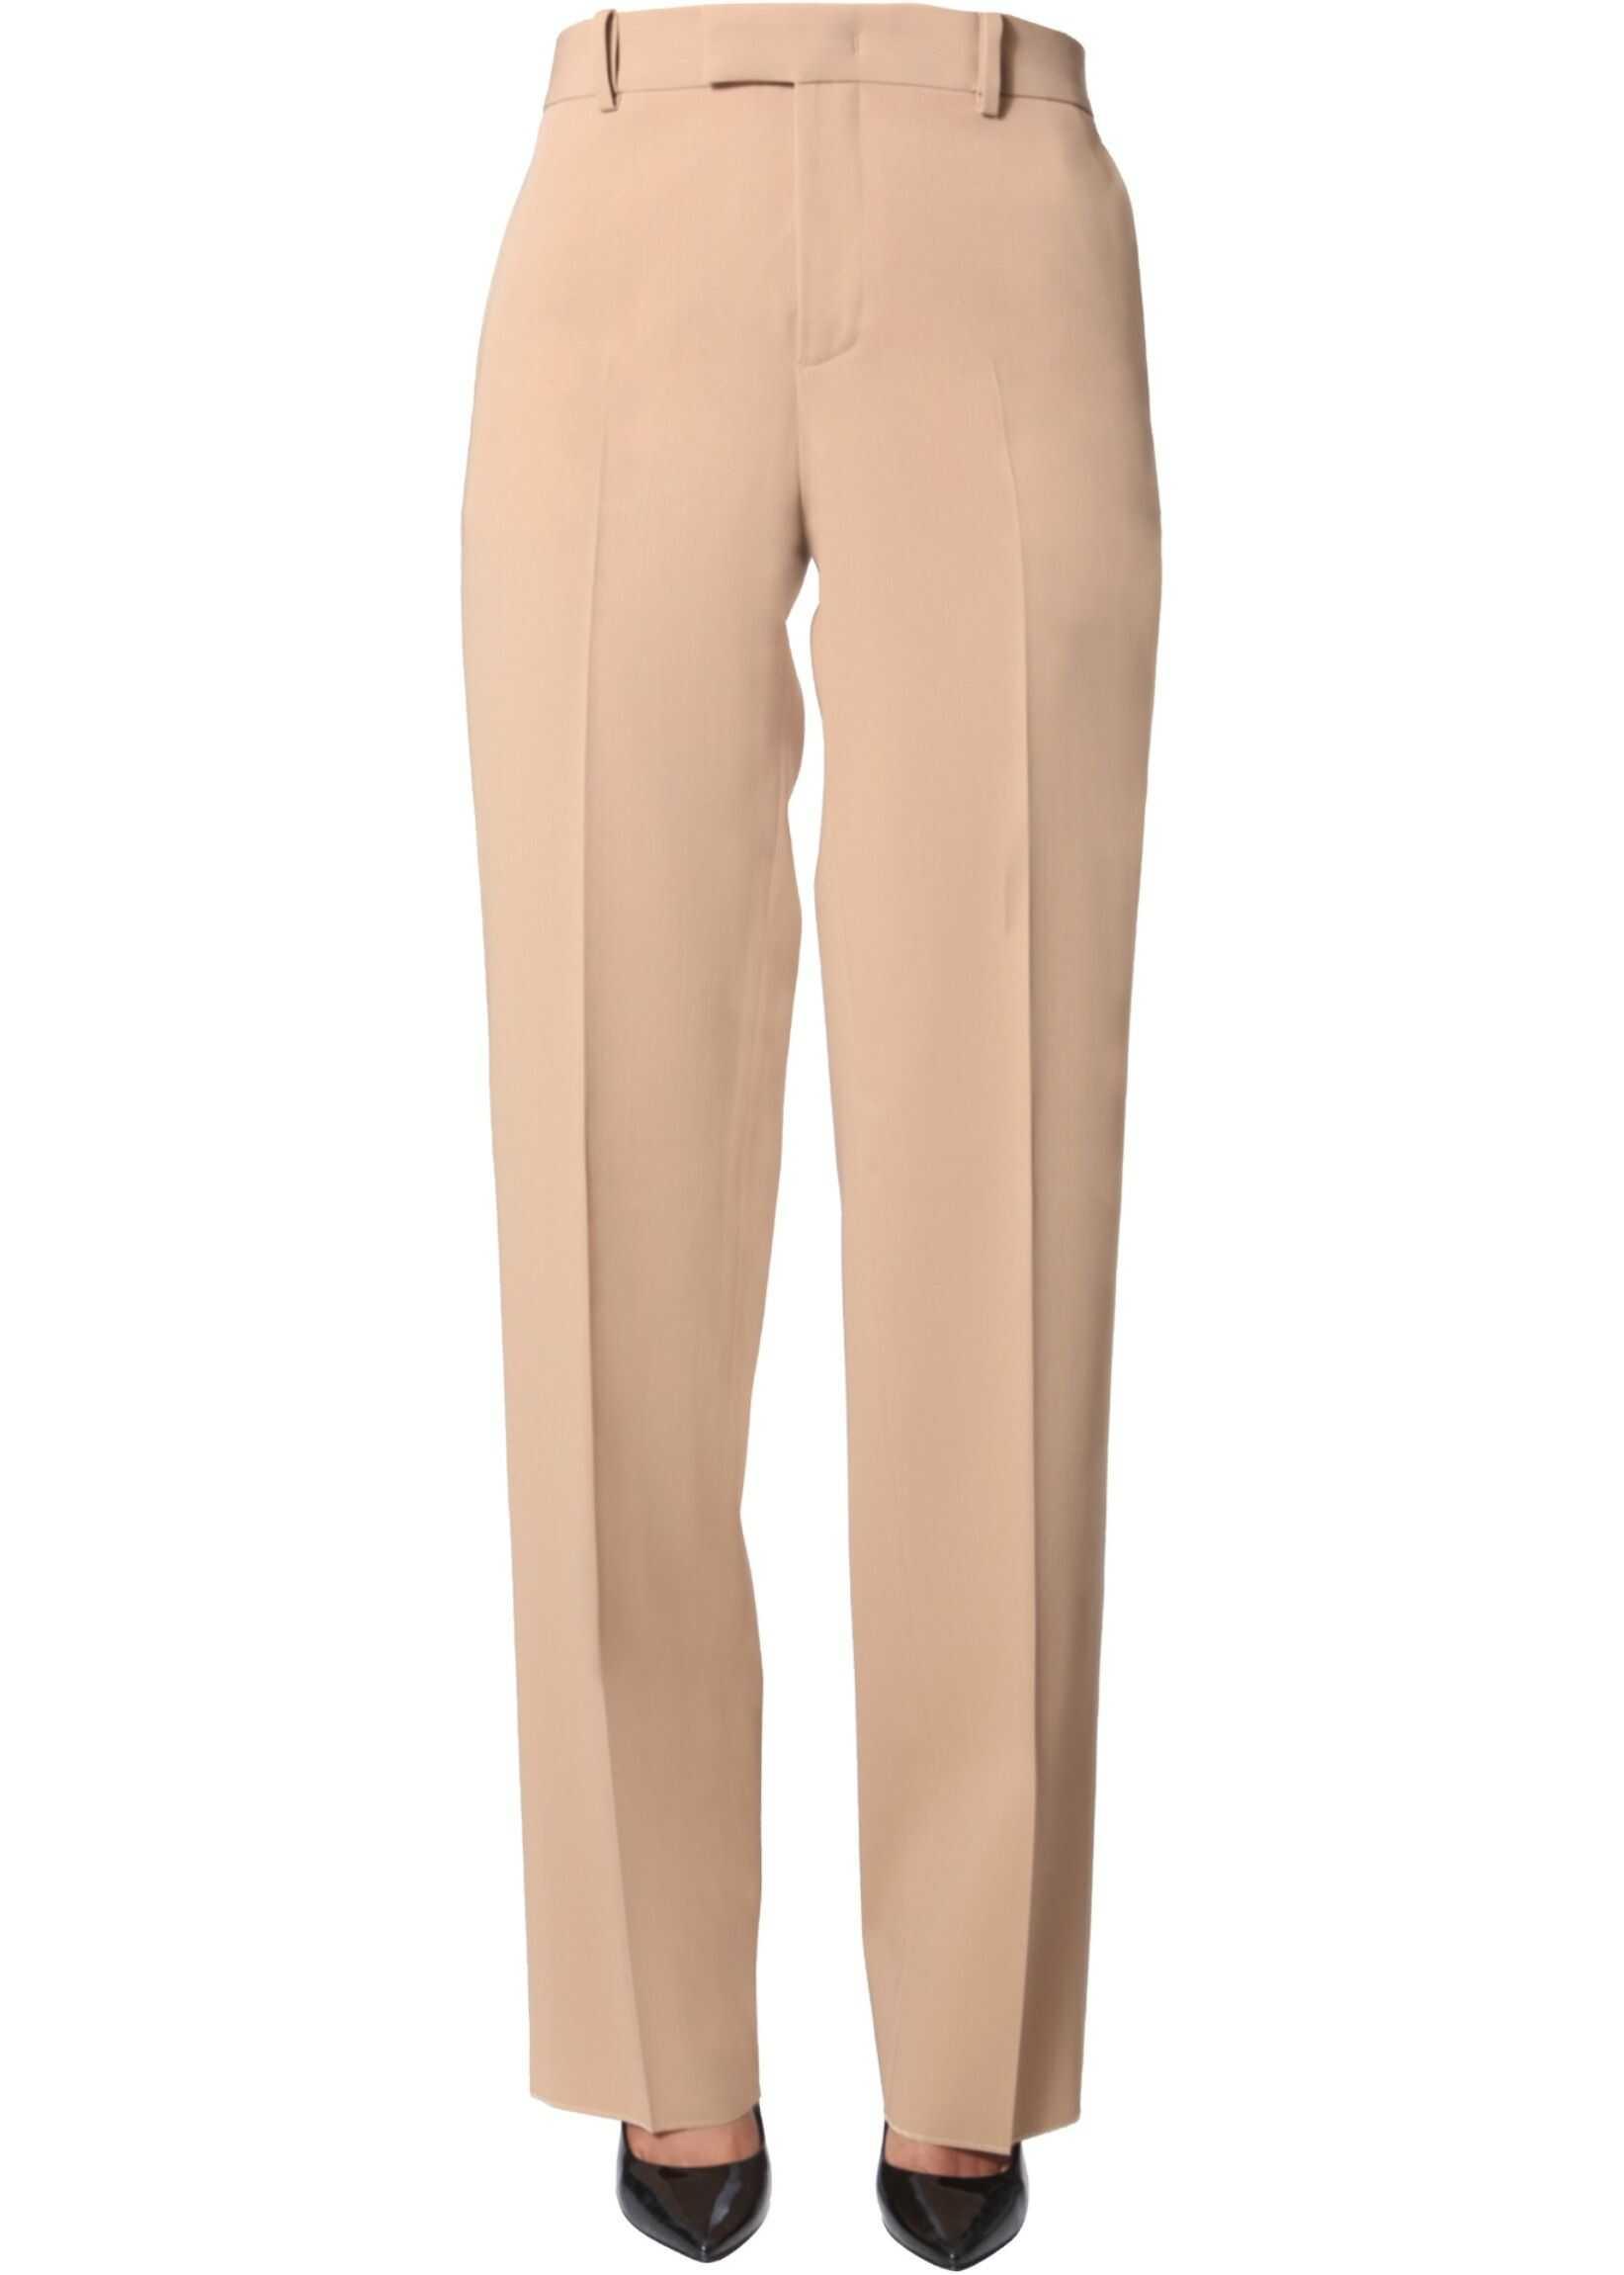 Bottega Veneta Wide Pants BEIGE